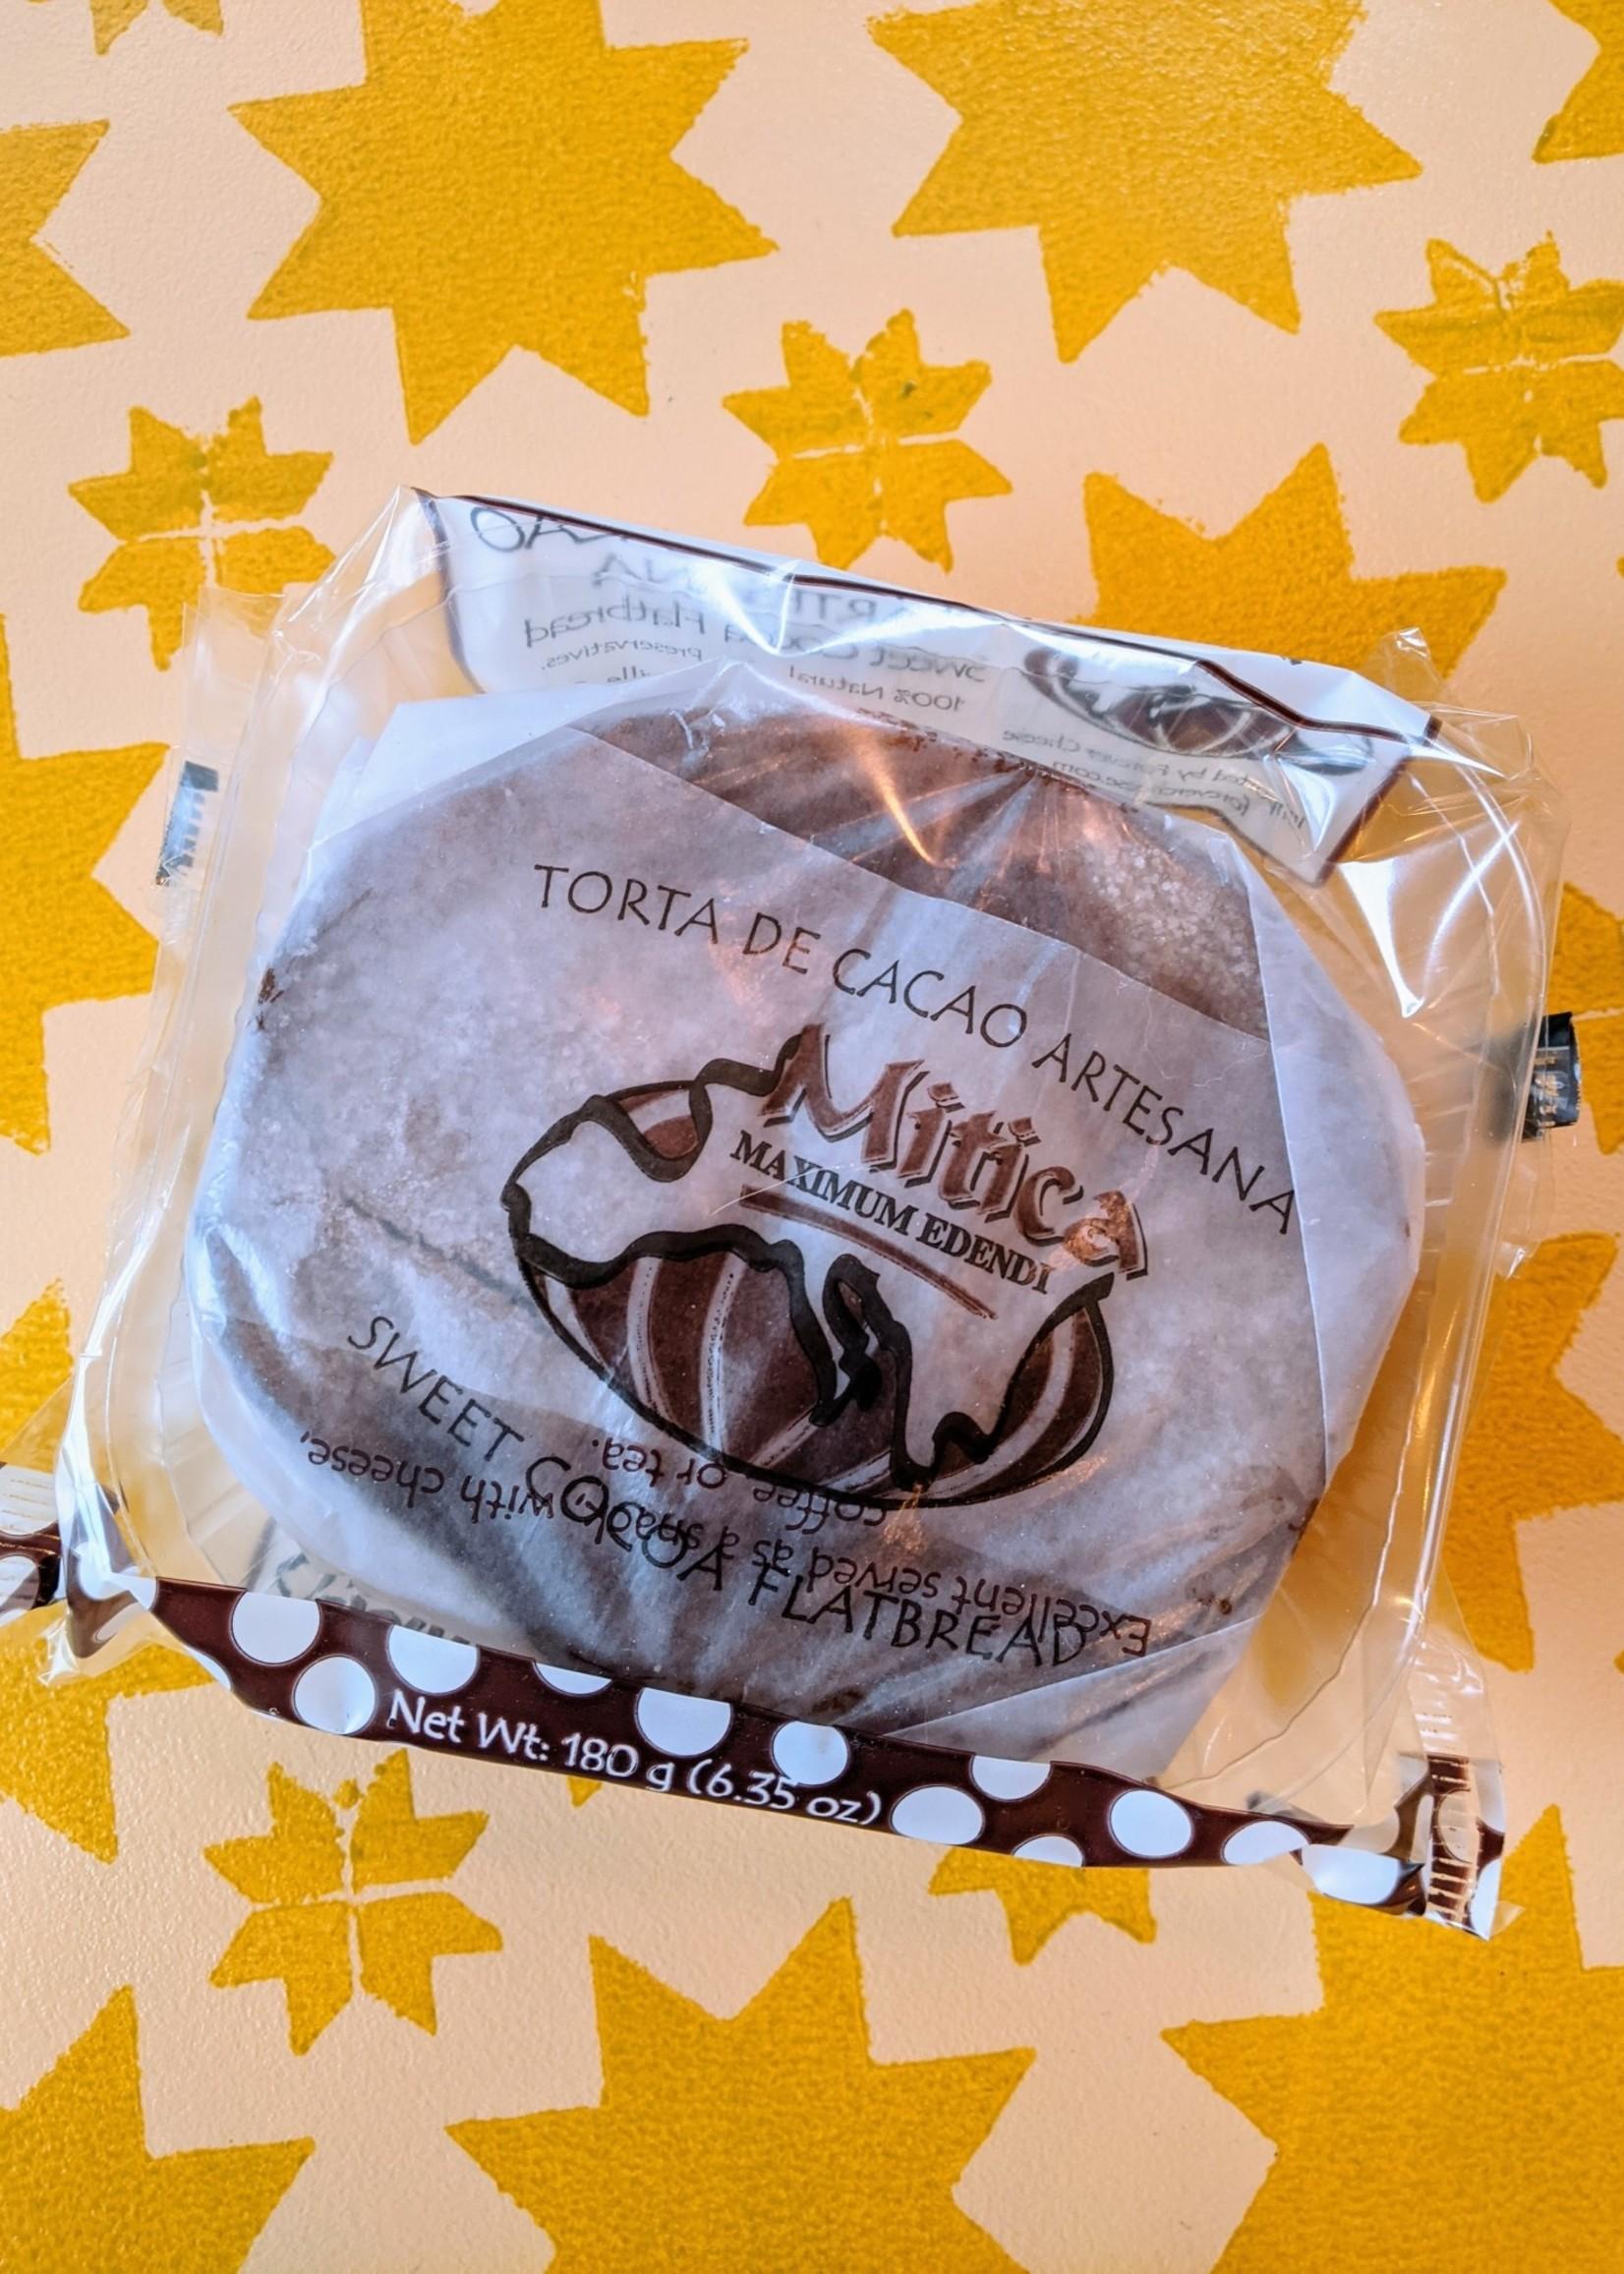 Chocolate Tortas